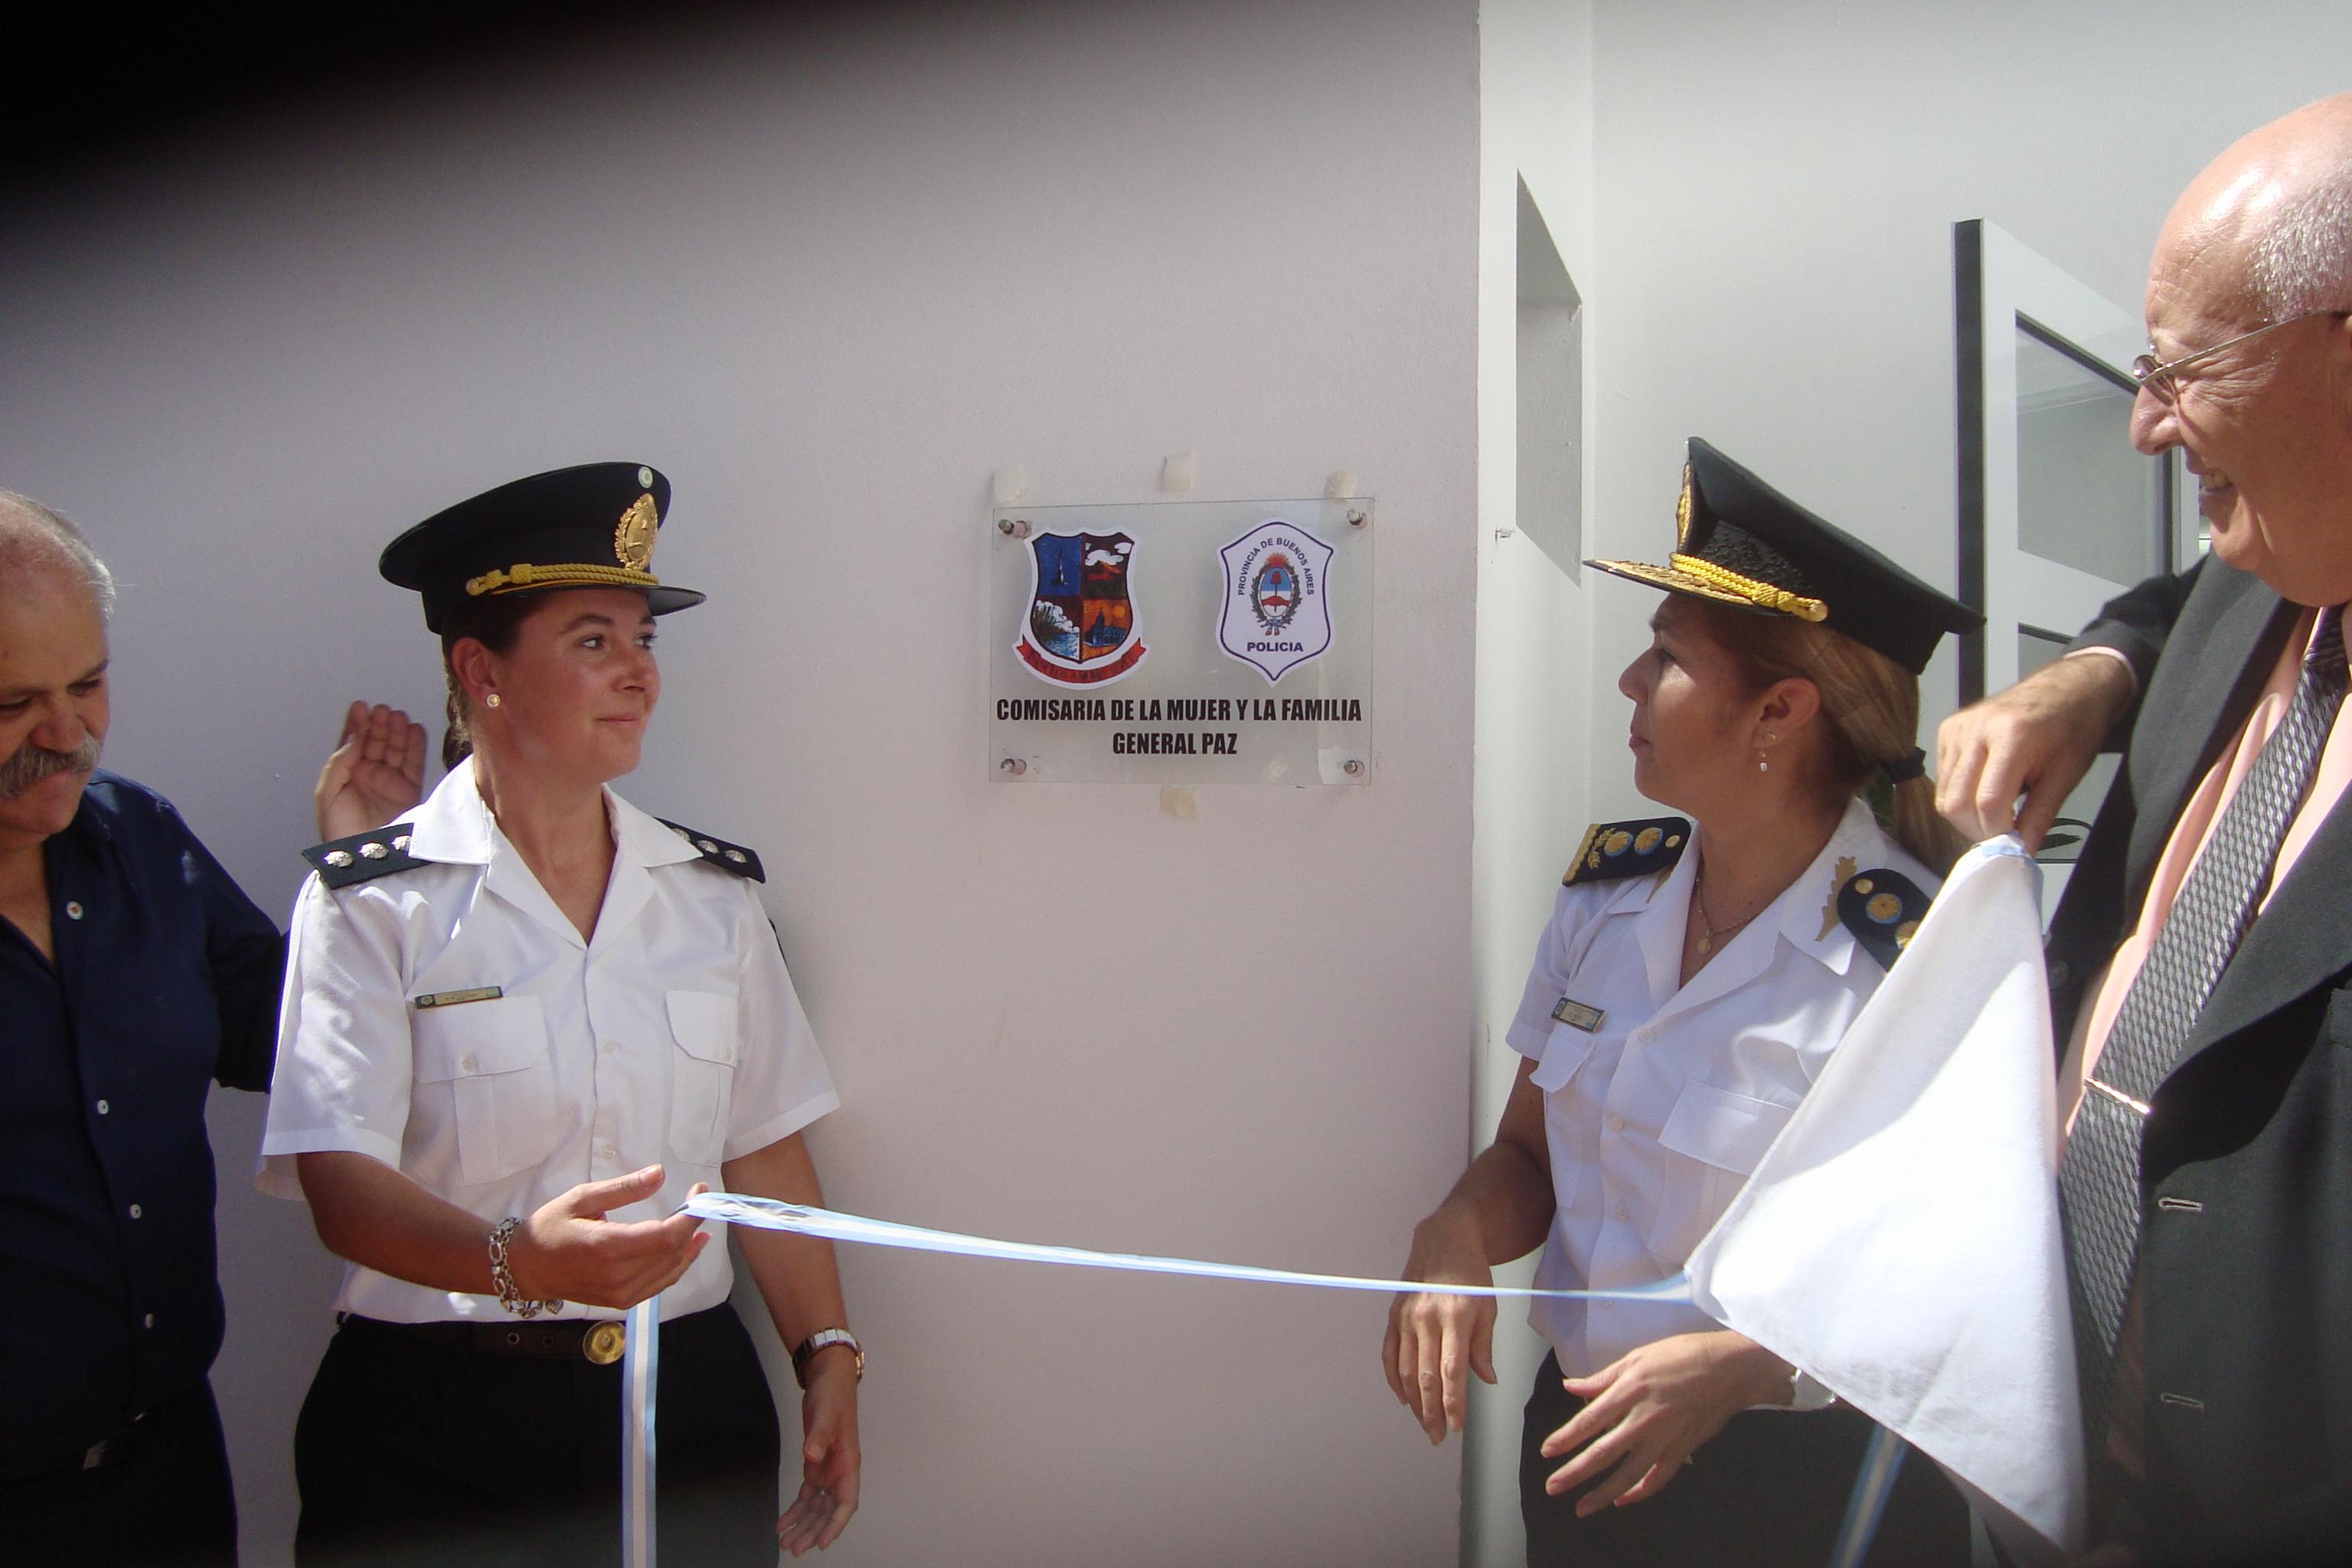 El ministro Granados presidió ayer la inauguración de la comisaría de la Mujer